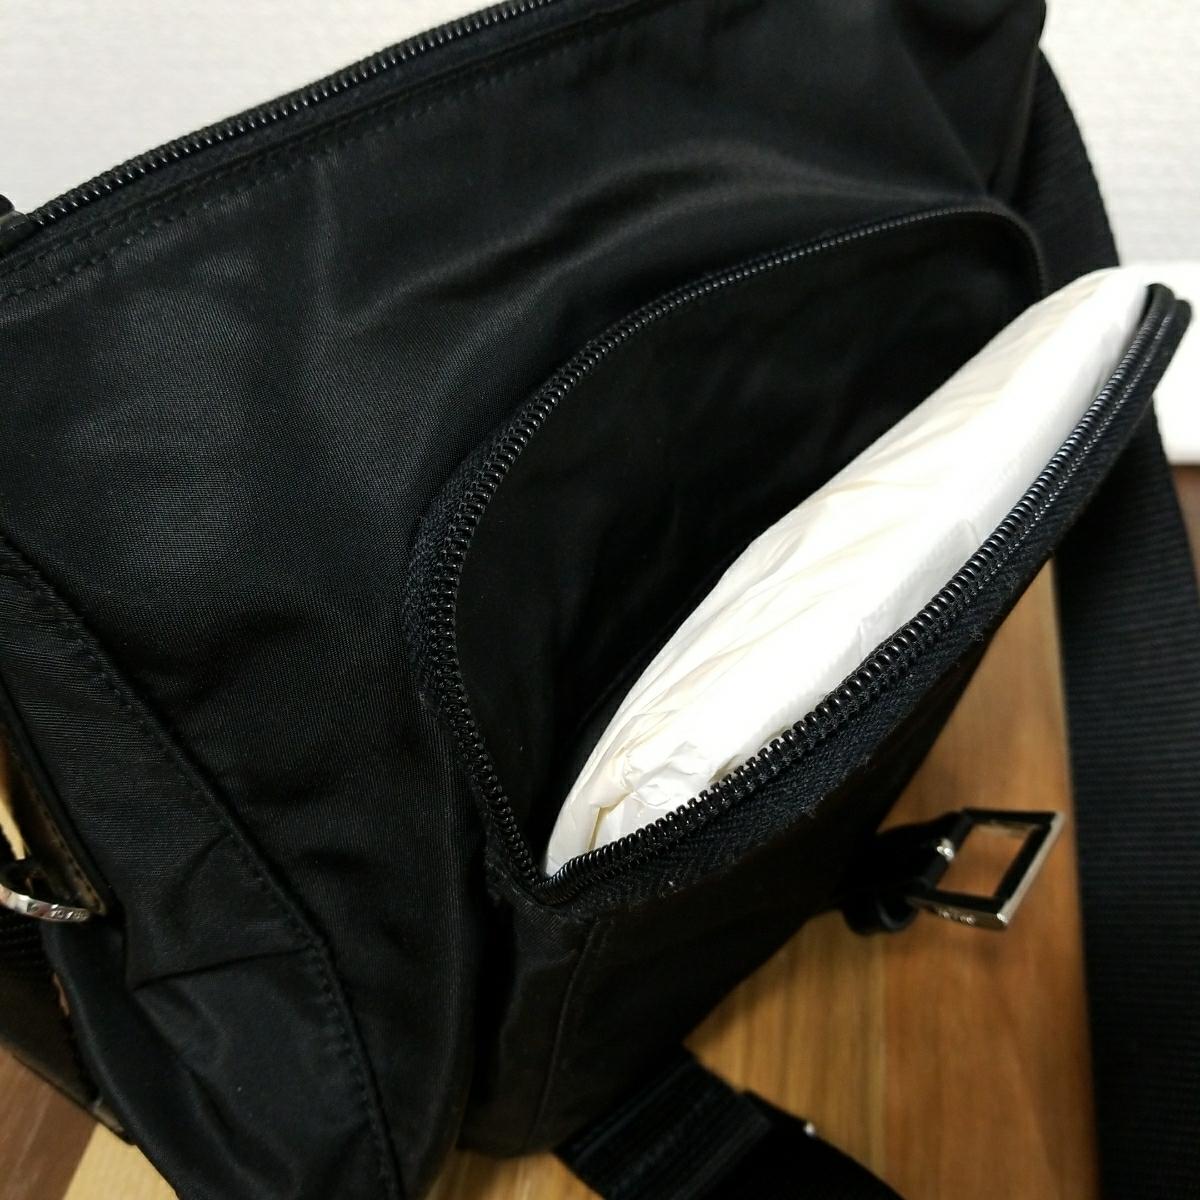 【正規品】新品 PRADA プラダ ショルダーバッグ 保存袋・ギャランティカード付 気持ち良く使って頂けます_画像4